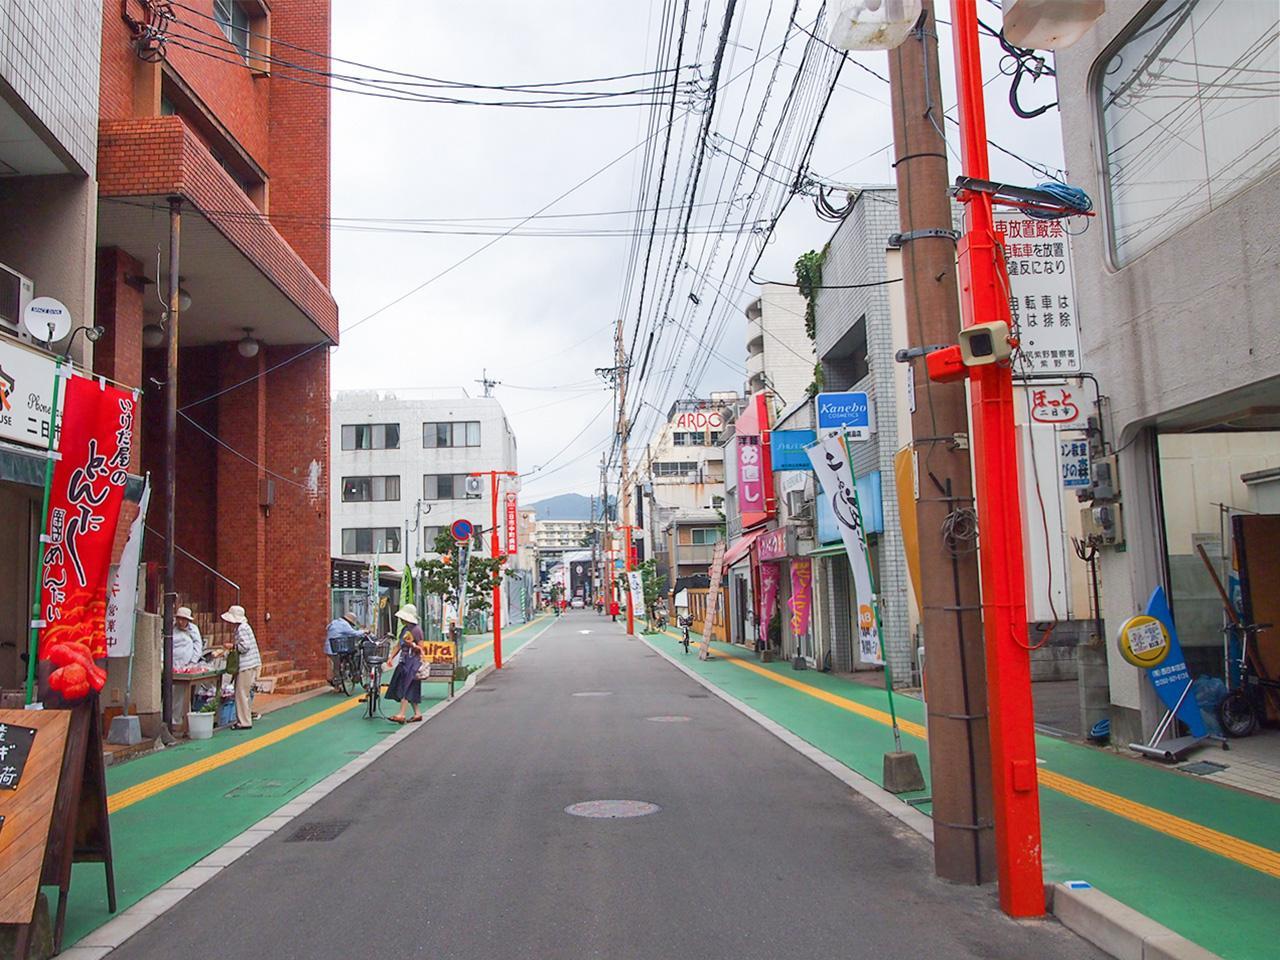 商店街通りに面したマンション(左手オレンジ色のビル)